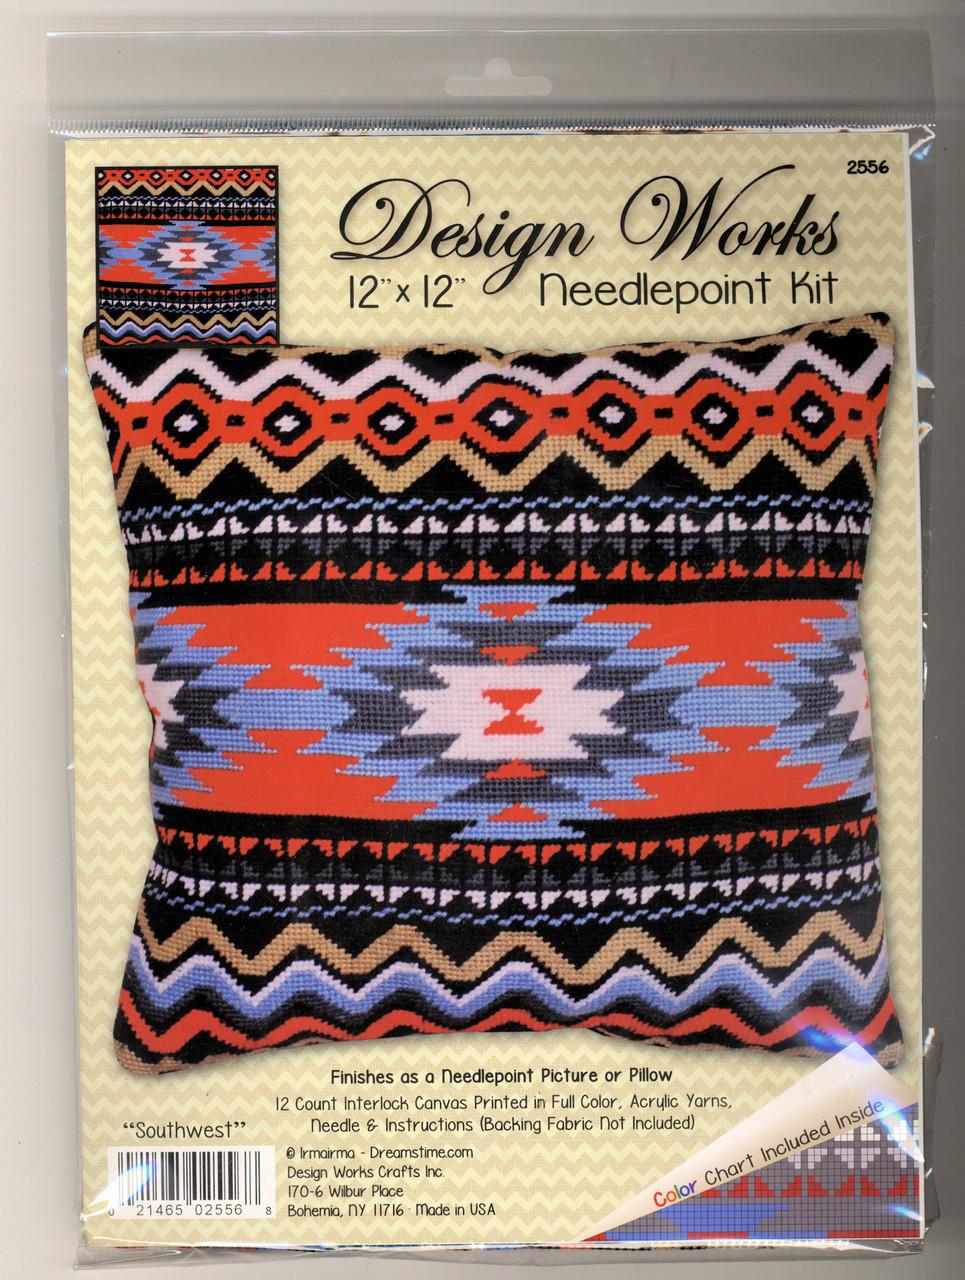 Design Works - Southwest